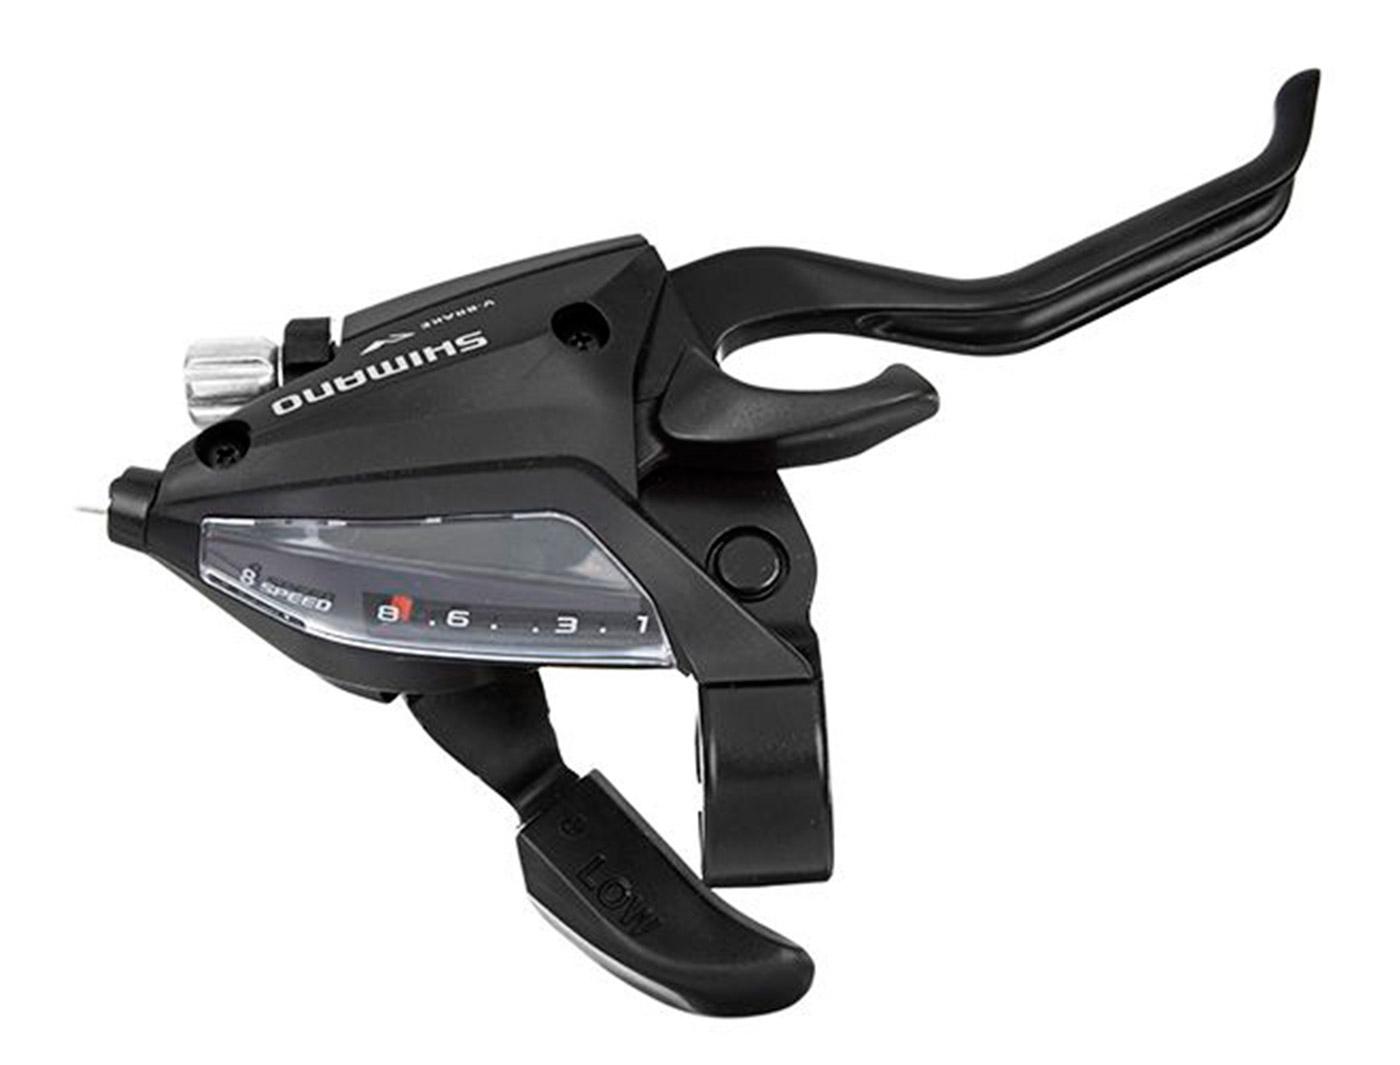 Шиф/Тор р. Shimano Tourney, EF500, прав, 8ск, тр., цв. черный